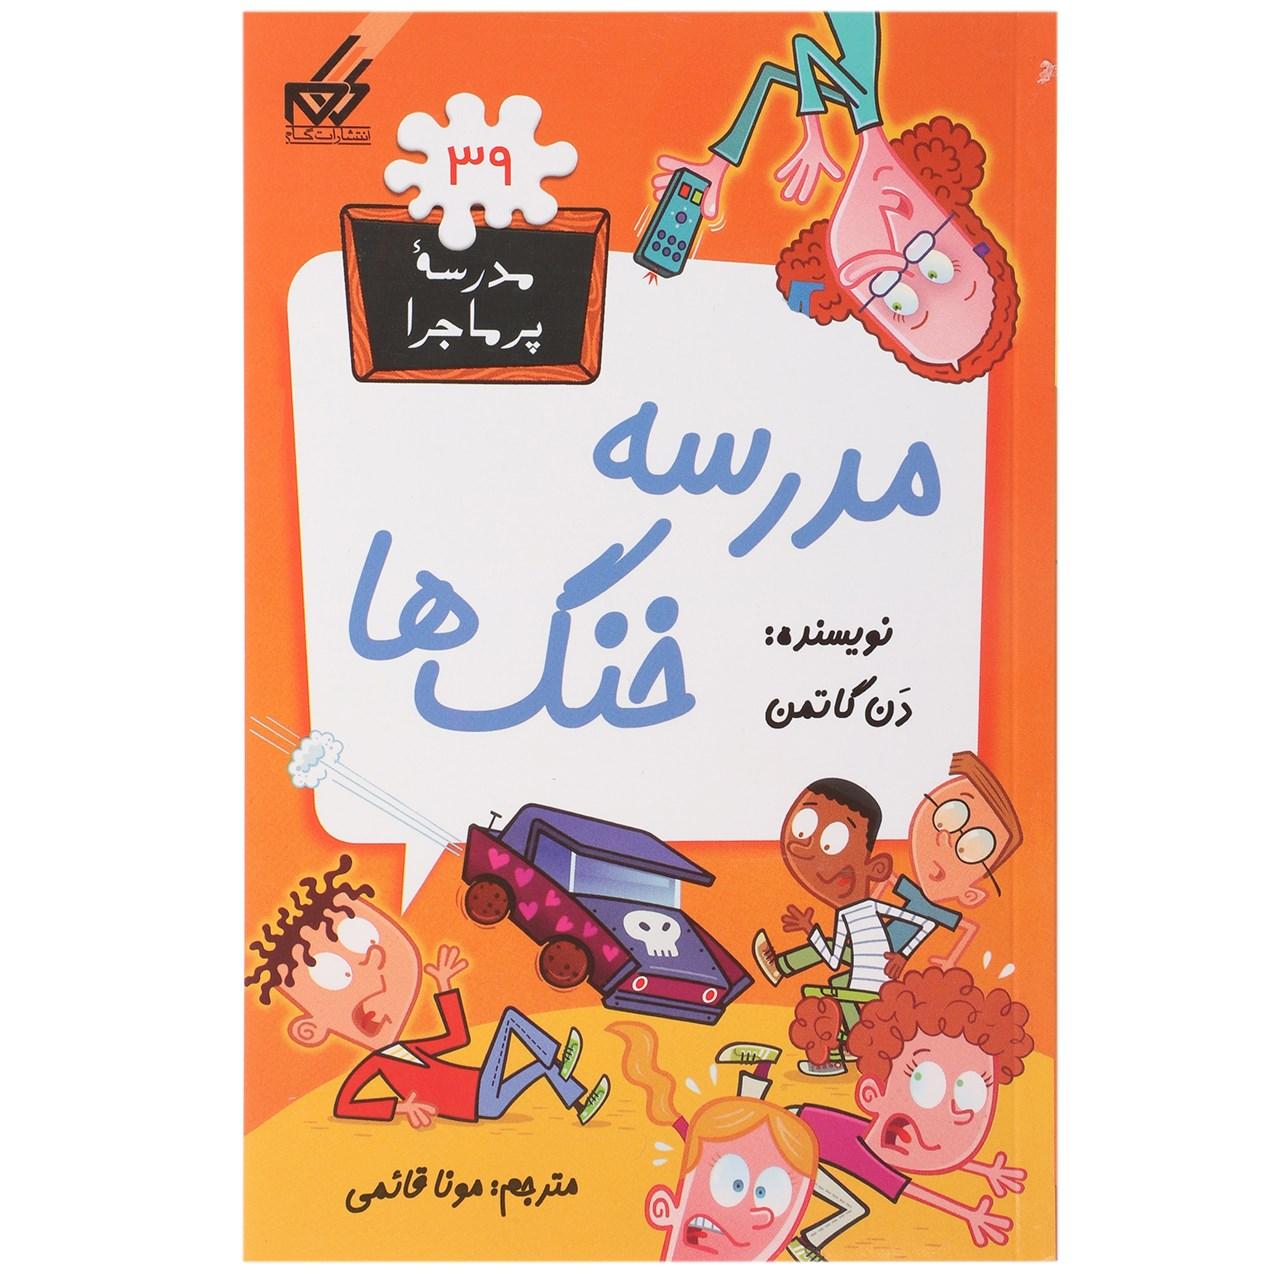 خرید                      کتاب مدرسه پرماجرا 39 مدرسه خنگ ها اثر دن گاتمن